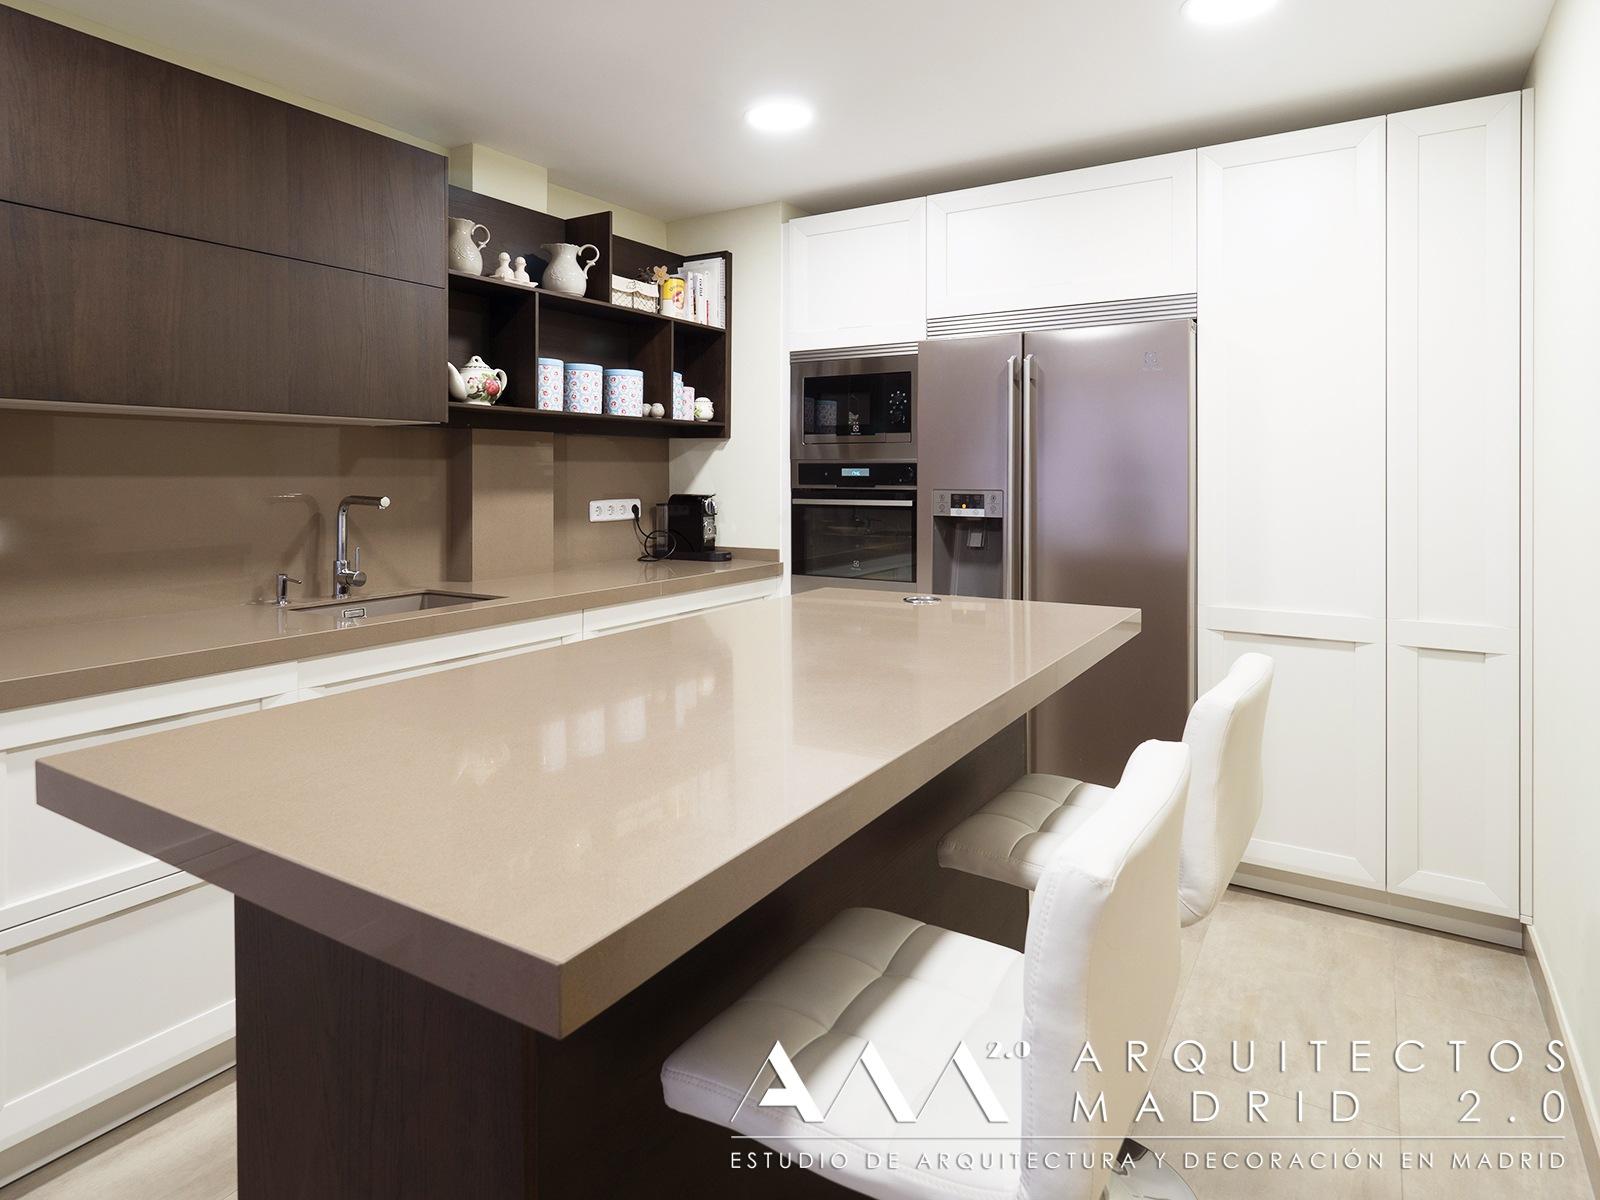 reforma-convertir-oficina-en-vivienda-arquitectos-madrid-11-cocina-isla